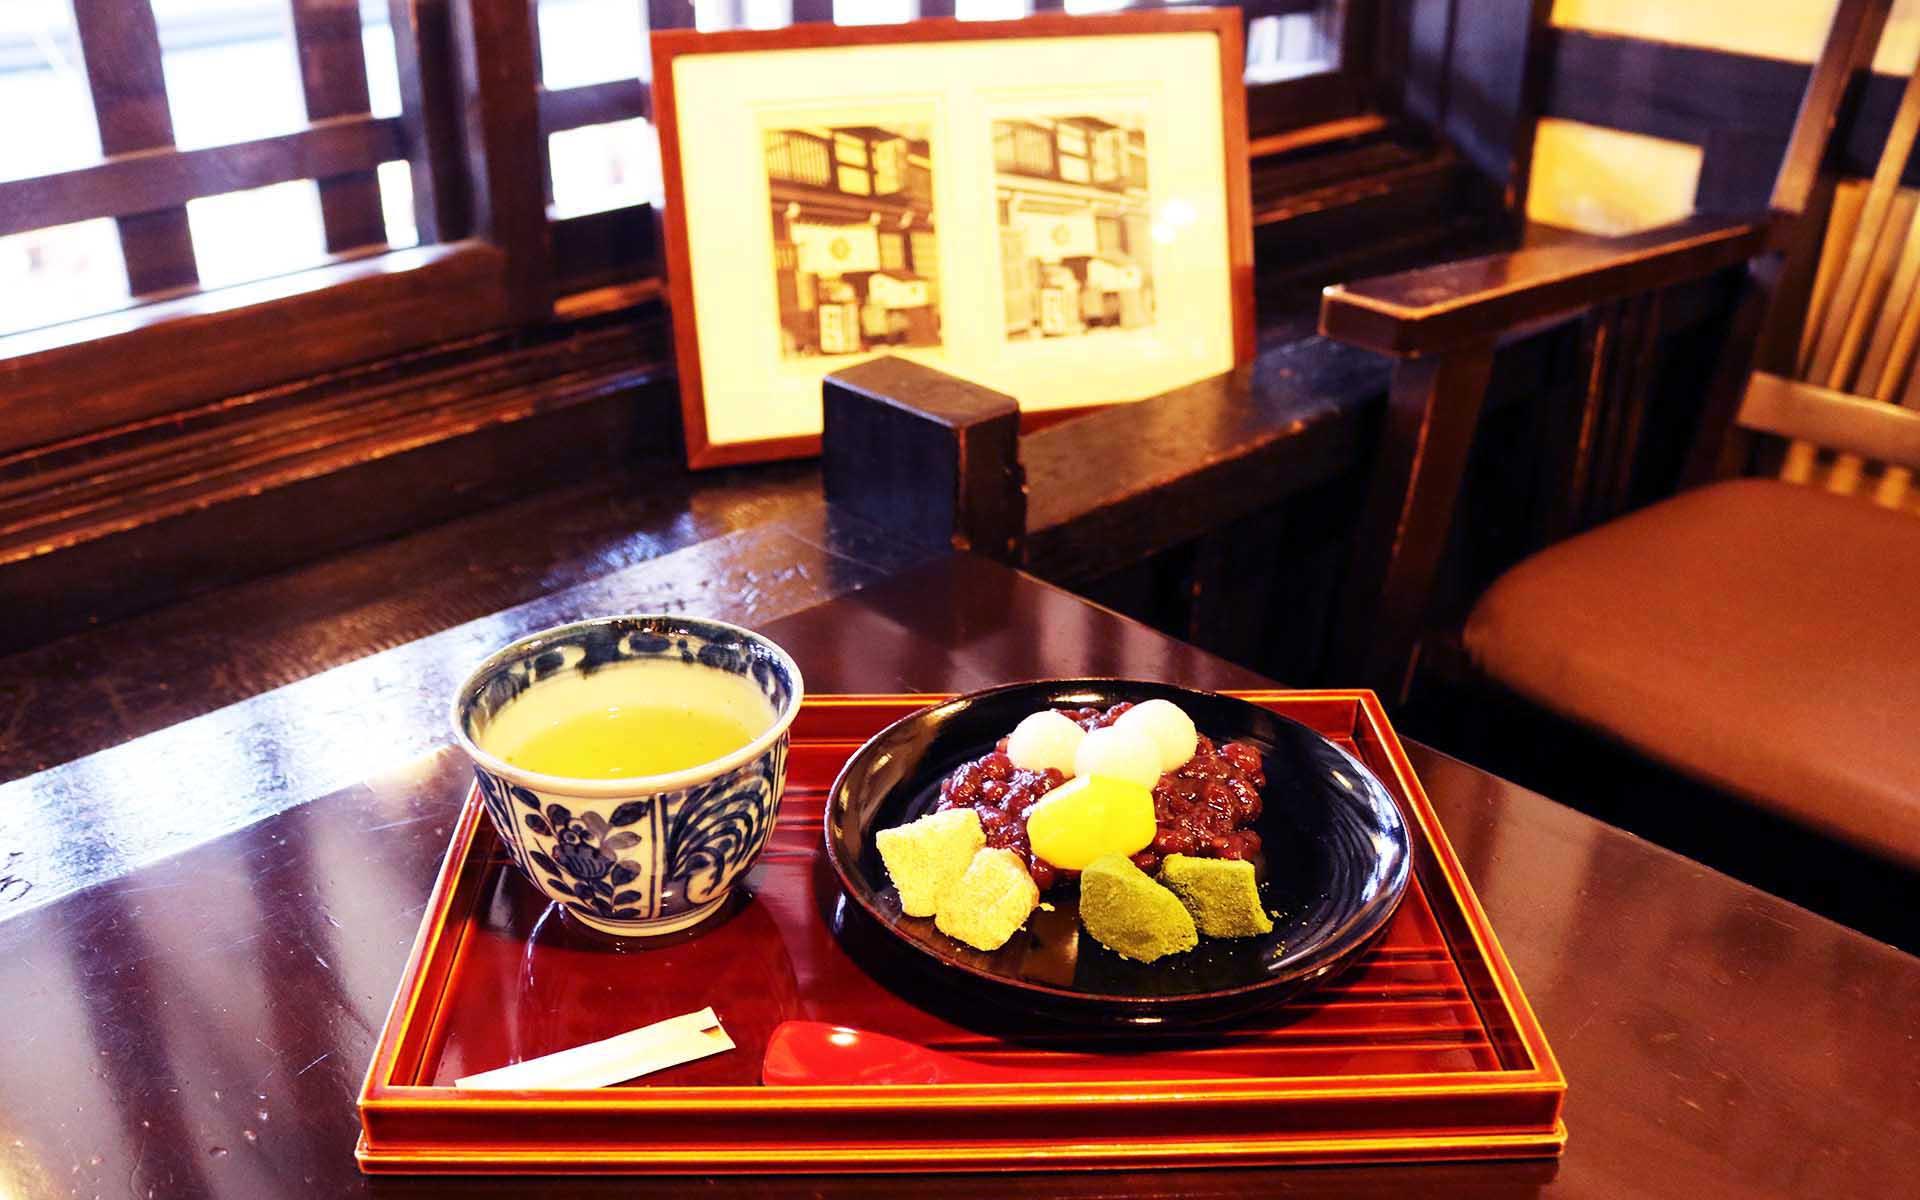 飛騨高山の純喫茶「飛騨版画喫茶ばれん」 春慶塗の器で味わう一口サイズの贅沢